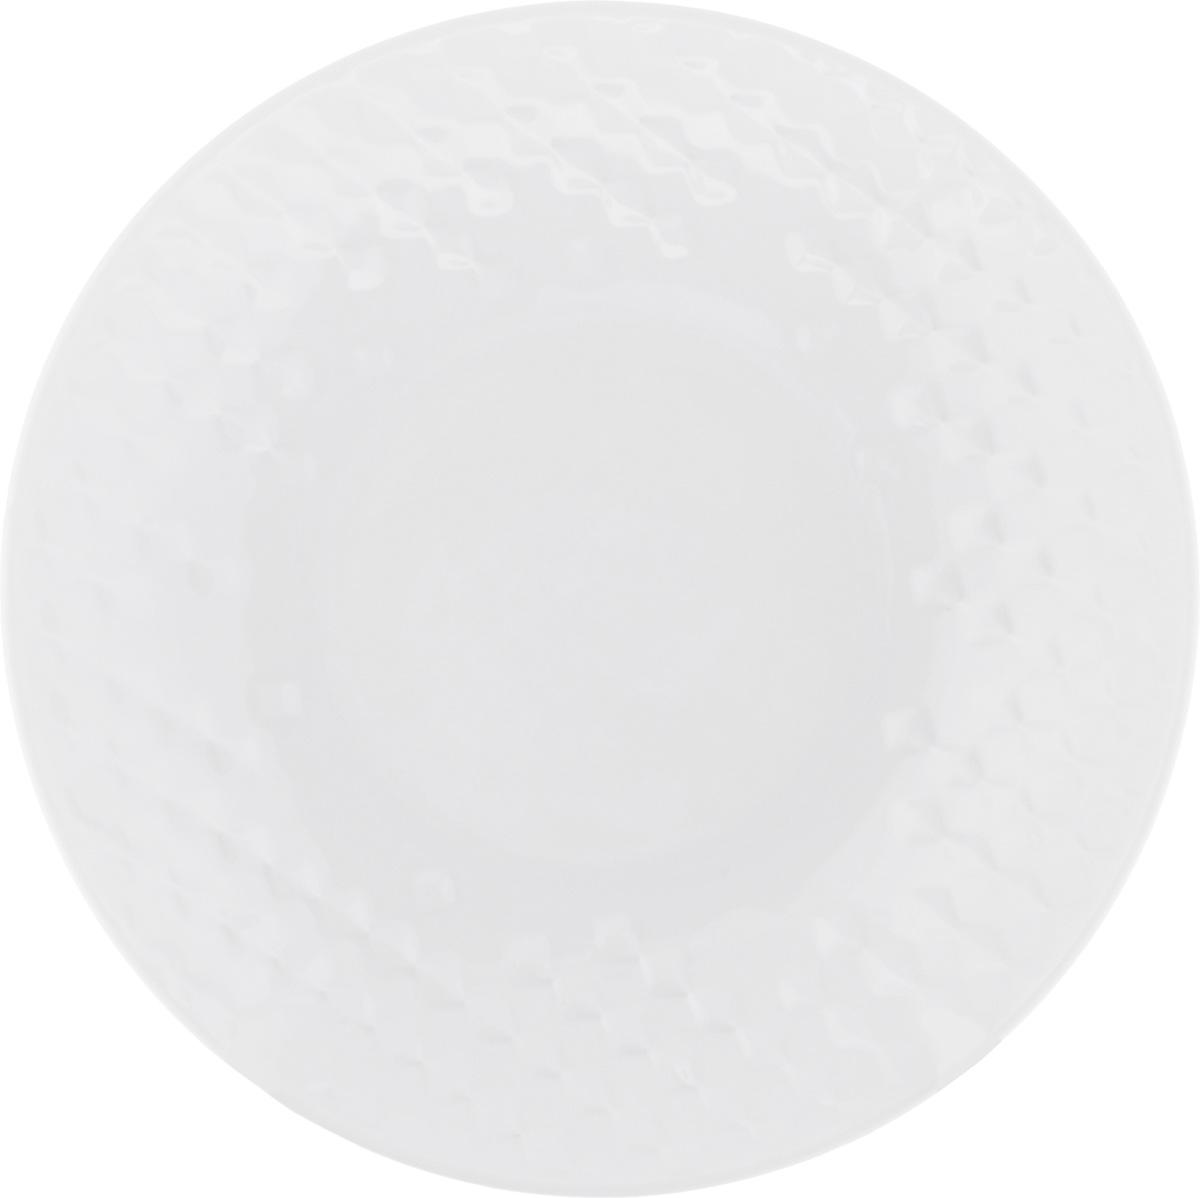 Тарелка суповая Walmer Sapphire, цвет: белый, диаметр 21 смW07431021Суповая тарелка Walmer Sapphire, выполненная из высококачественного фарфора, декорирована объемным рельефным орнаментом. Изящный дизайн придется по вкусу и ценителям классики, и тем, кто предпочитает утонченность. Суповая тарелка Walmer Sapphire, идеально подойдет для сервировки стола и станет отличным подарком к любому празднику. Можно использовать в микроволновой печи и мыть в посудомоечных машинах. Диаметр тарелки (по верхнему краю): 21 см. Высота стенки: 3,5 см.